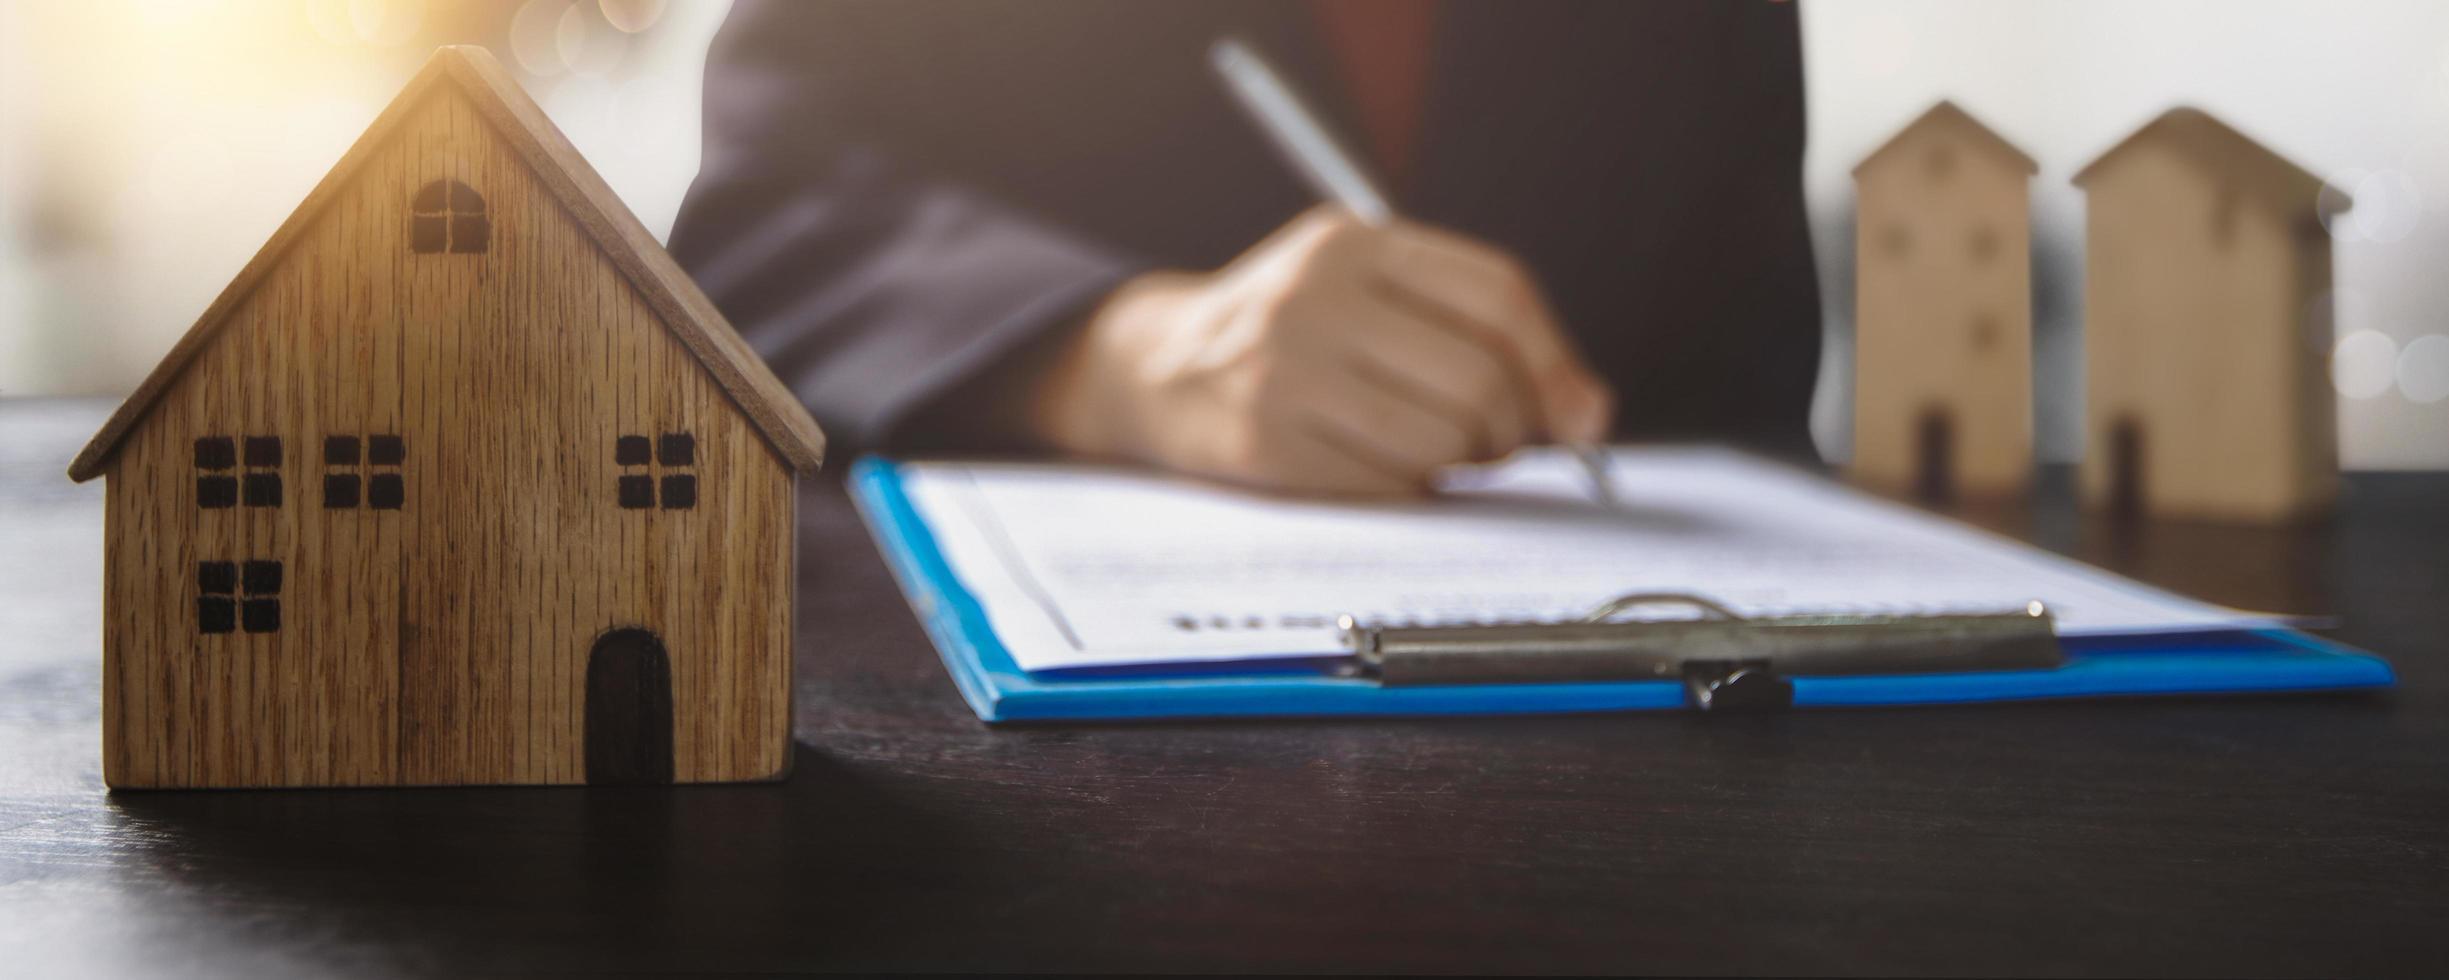 Hausbesitzer unterzeichnet Hypothekenvertrag foto